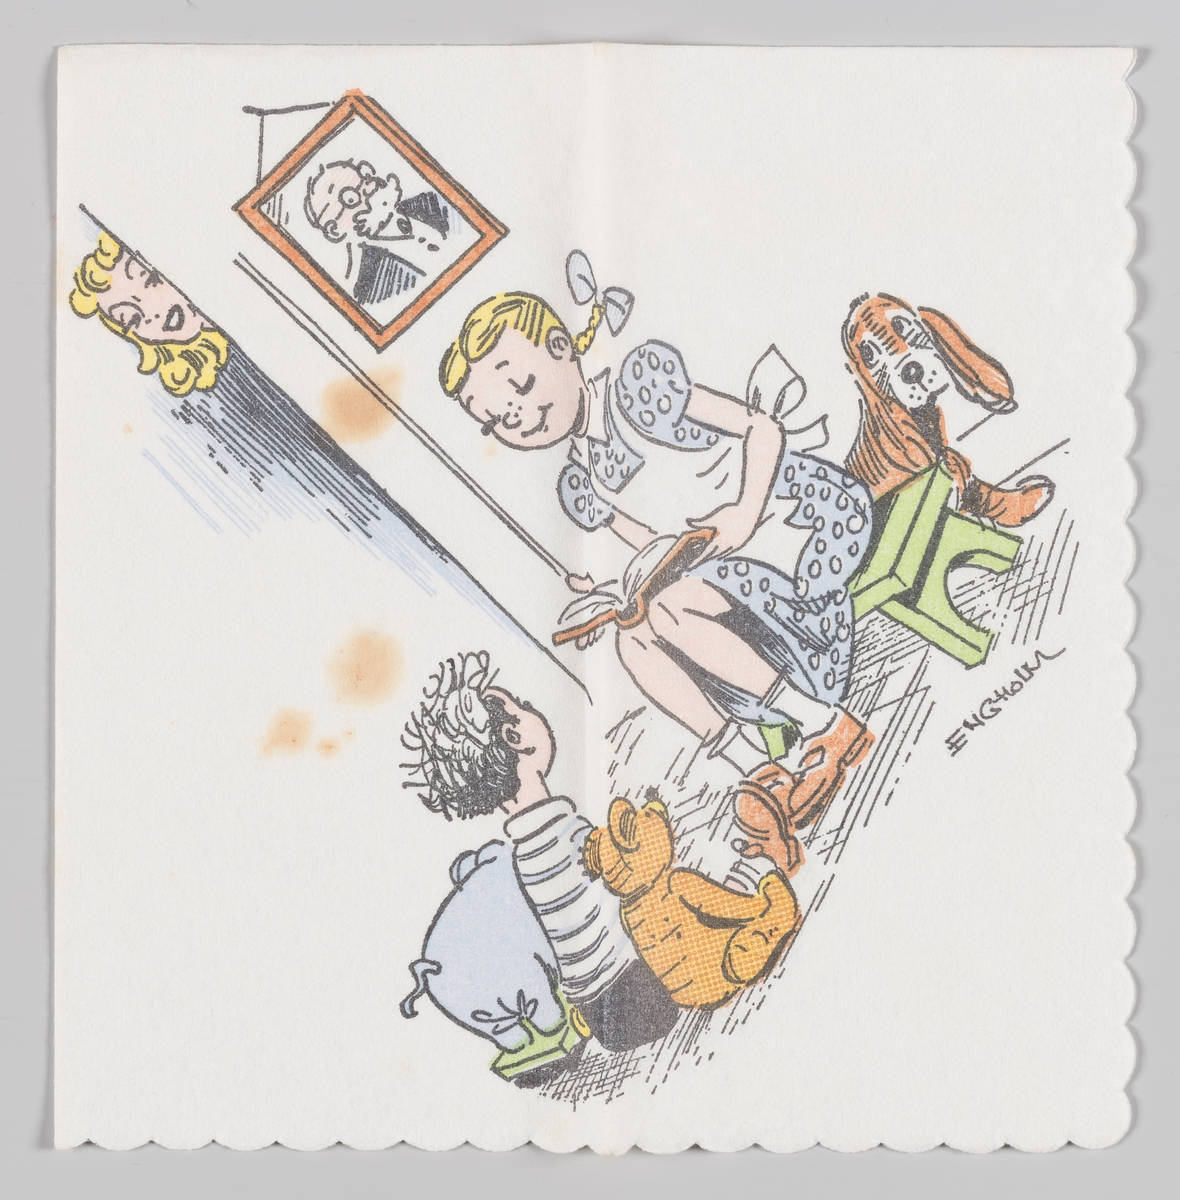 """En scene fra den danske serien """"Far til fire"""". Søster Mie leser høyt for Lille Per og hunden deres. Lille Per sitter mellom en lekeelefant og en bamse  på gulvet. Eldste søster Søs ser på fra bak en vegg og et portrett av onkel Anders smiler fra veggen.  Motivet på servietten er tegnet av;: Johan Peter Kai """"Kaj"""" Harald Engholm (20. maj 1906 i København – 27. juli 1988) var en dansk tegneserietegner, oprindeligt reklame- og plakattegner"""